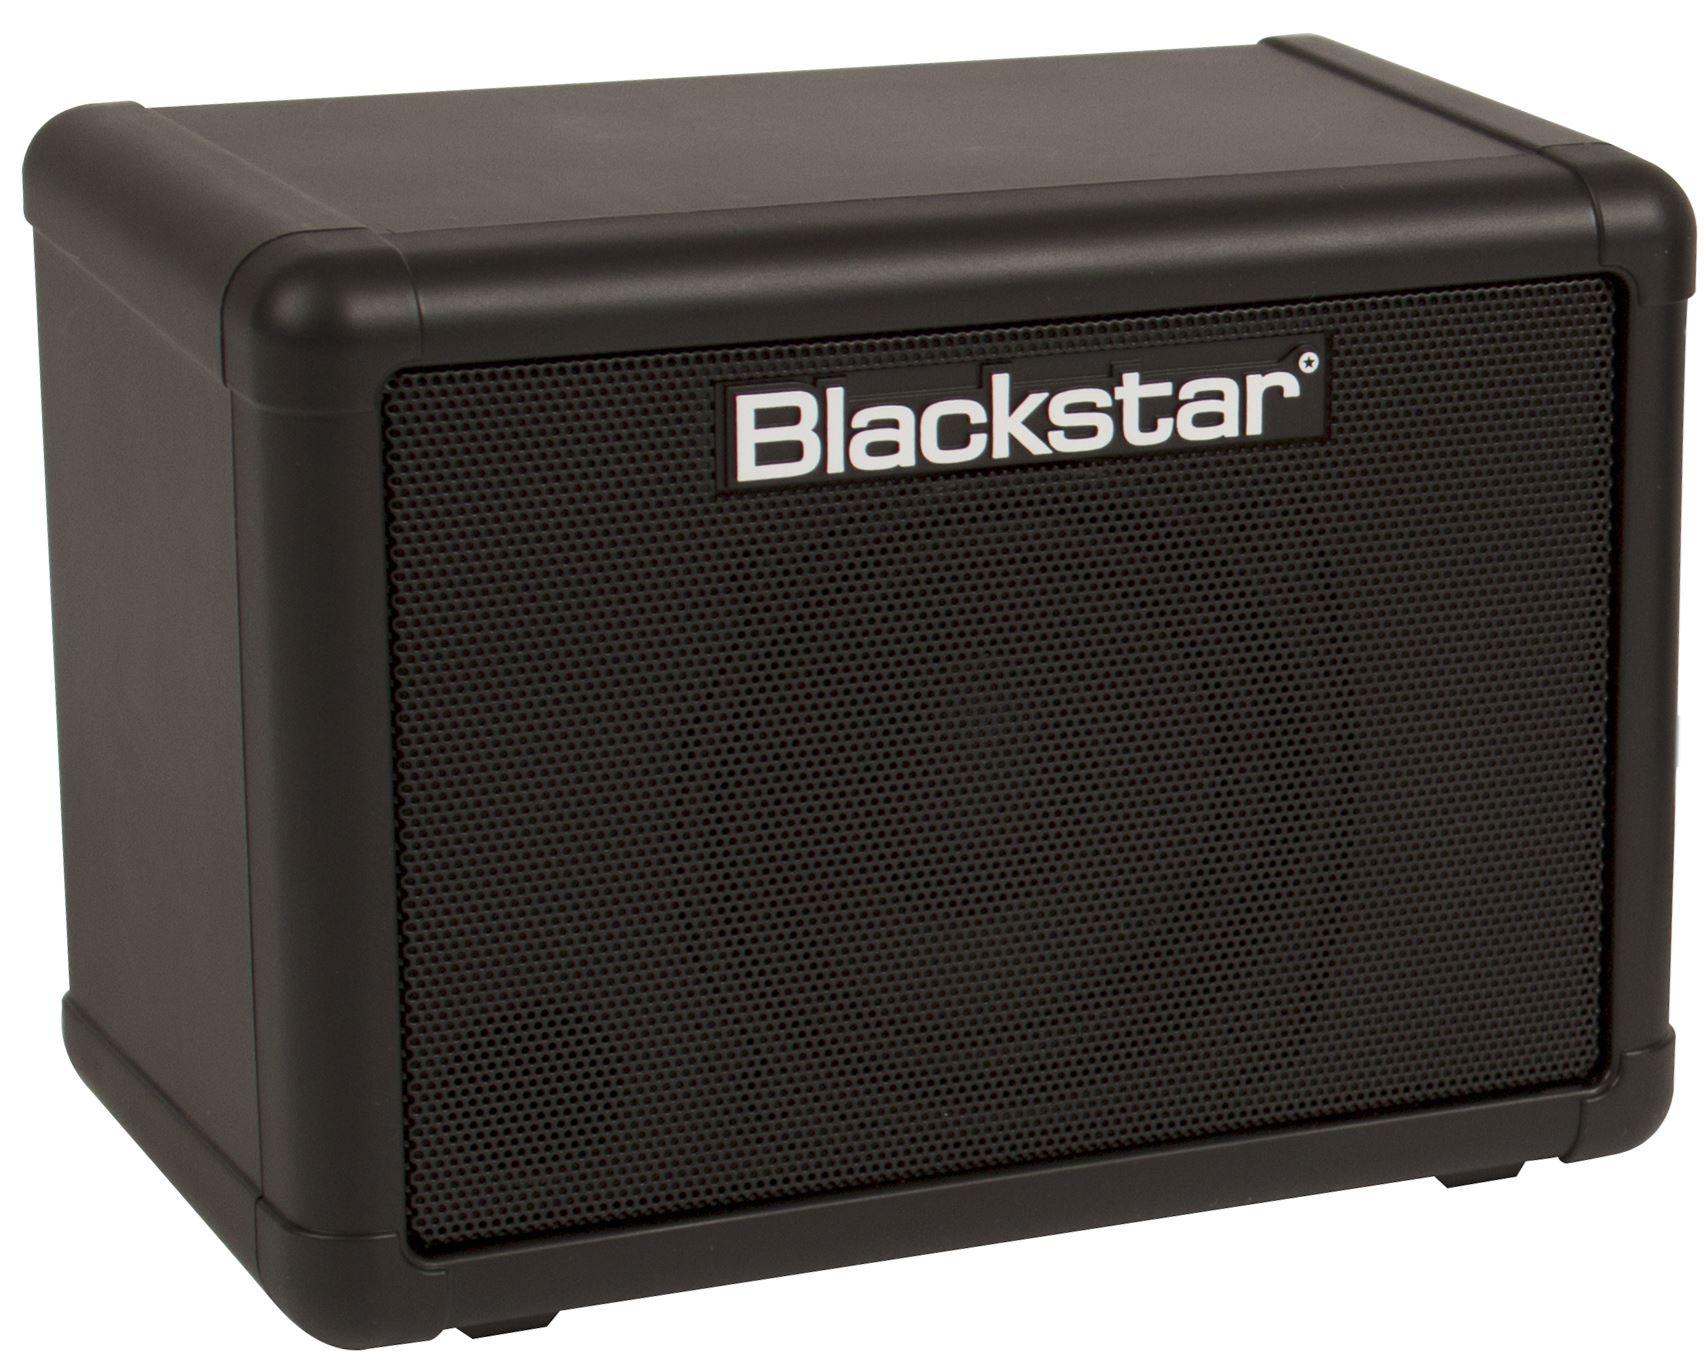 Blackstar Fly 103 Cabinet